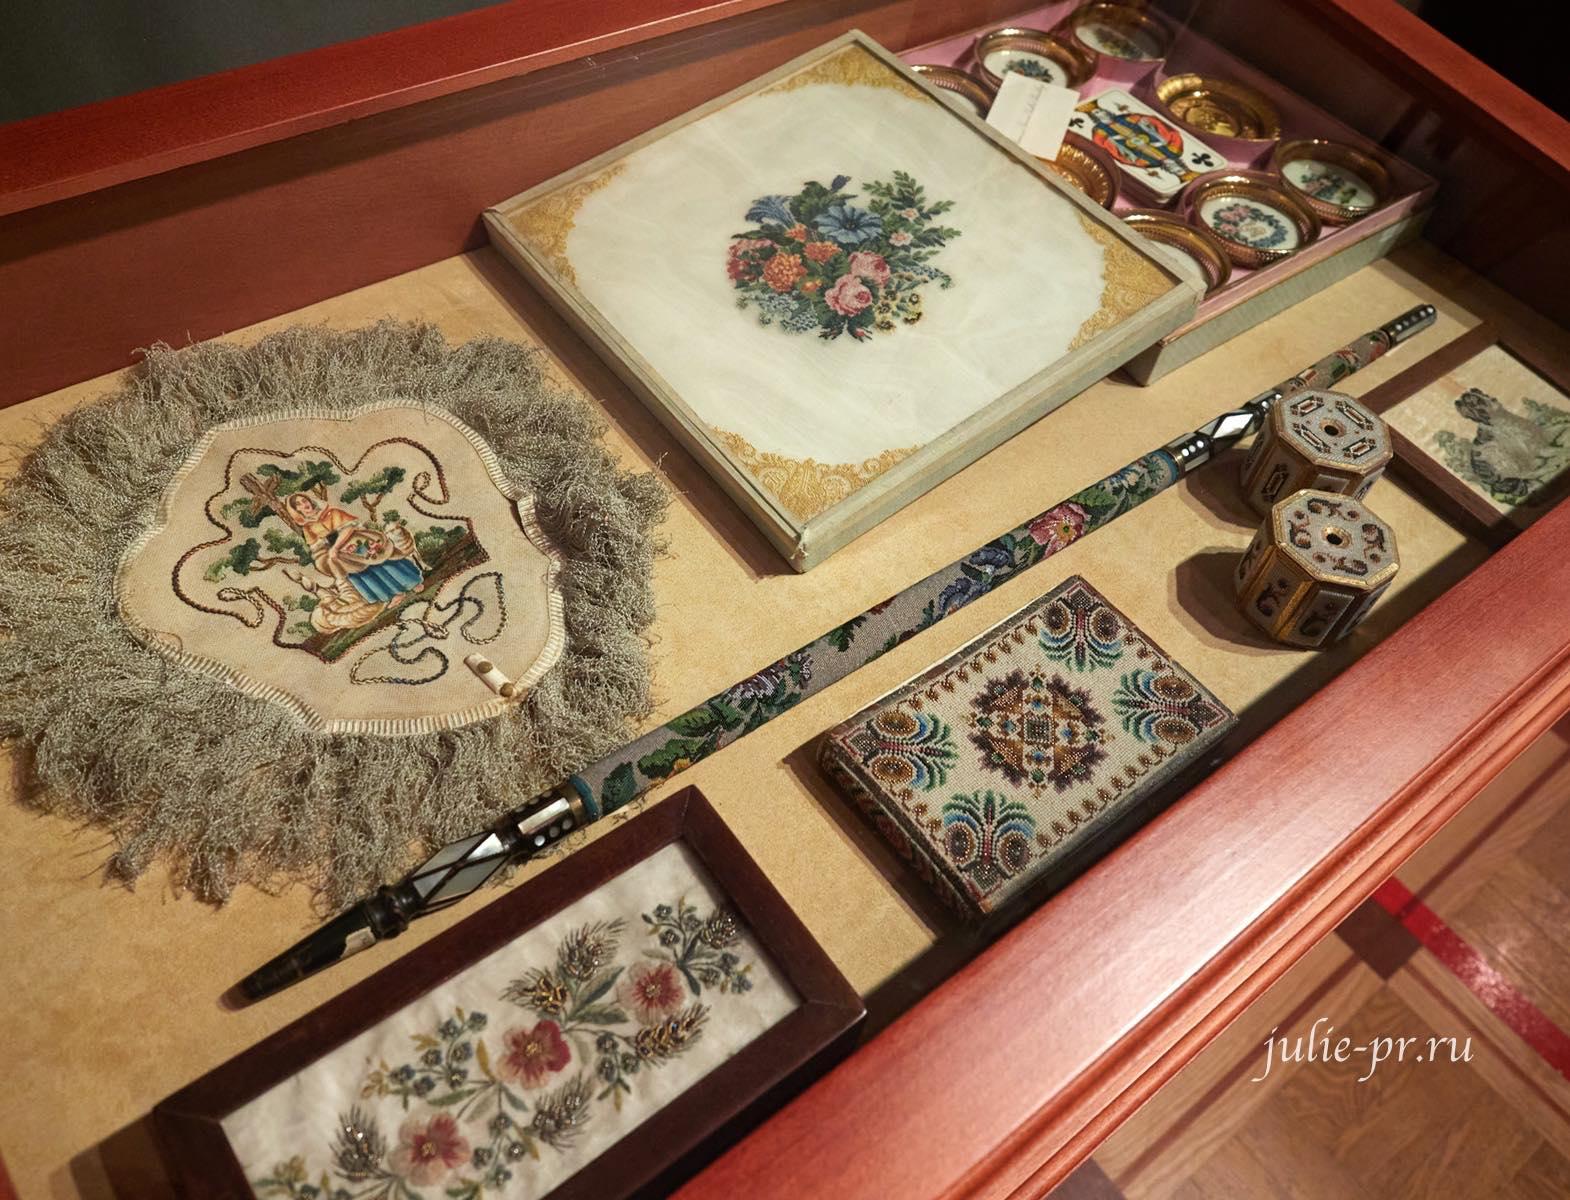 Александр Васильев, музей Тропинина, выставка Старинные вышивки